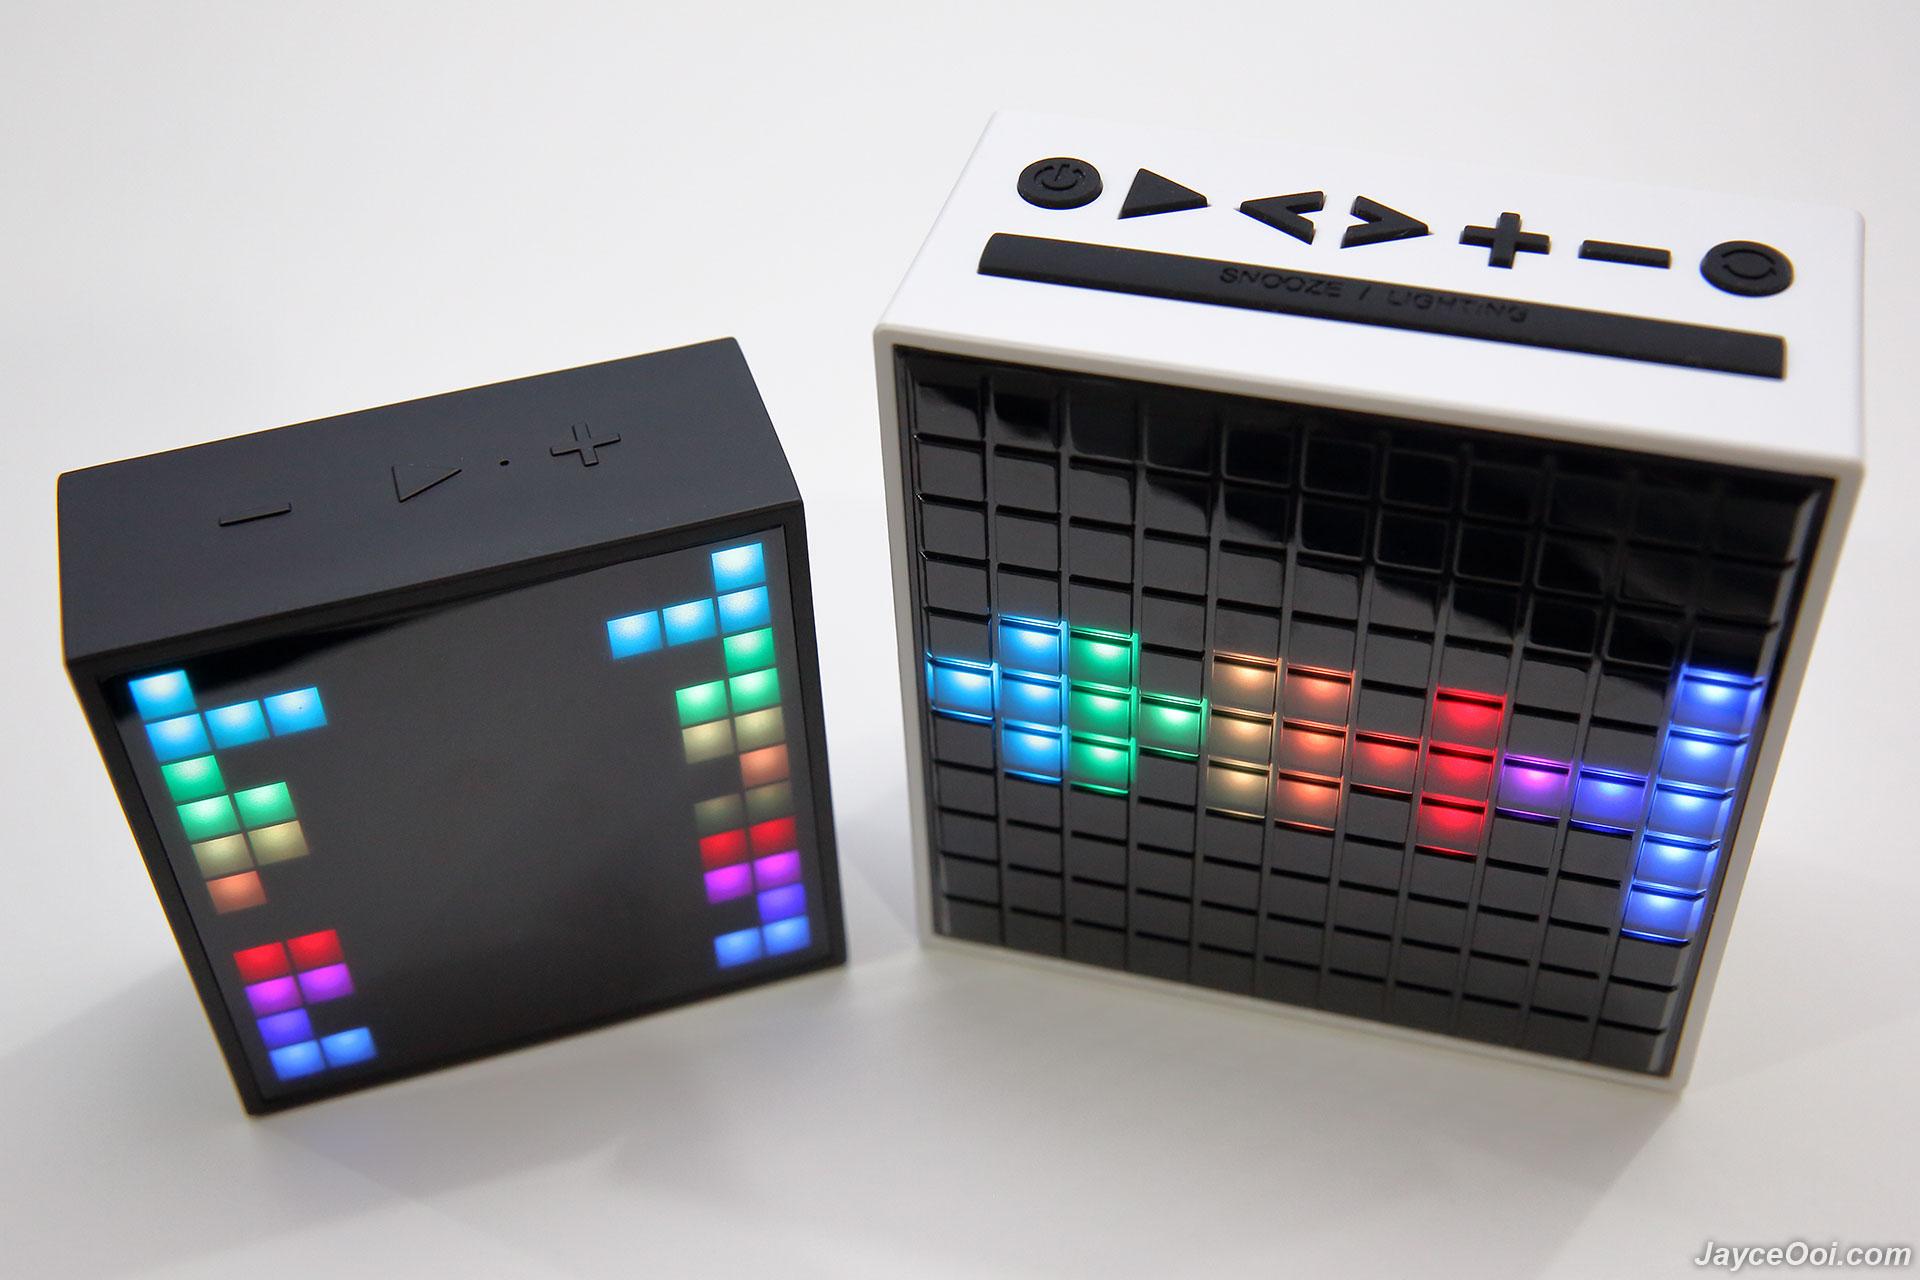 Divoom Timebox Mini Review Jayceooi Com